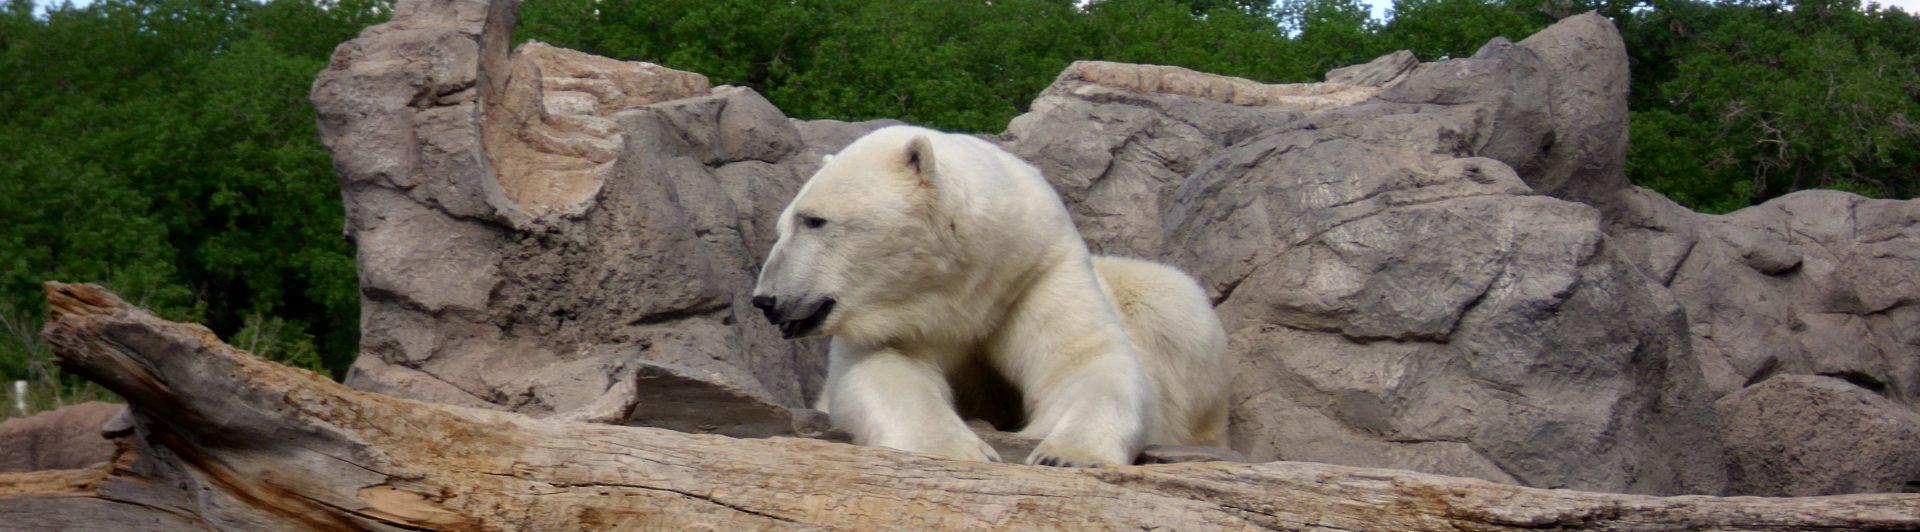 The Hangry Polar Bear